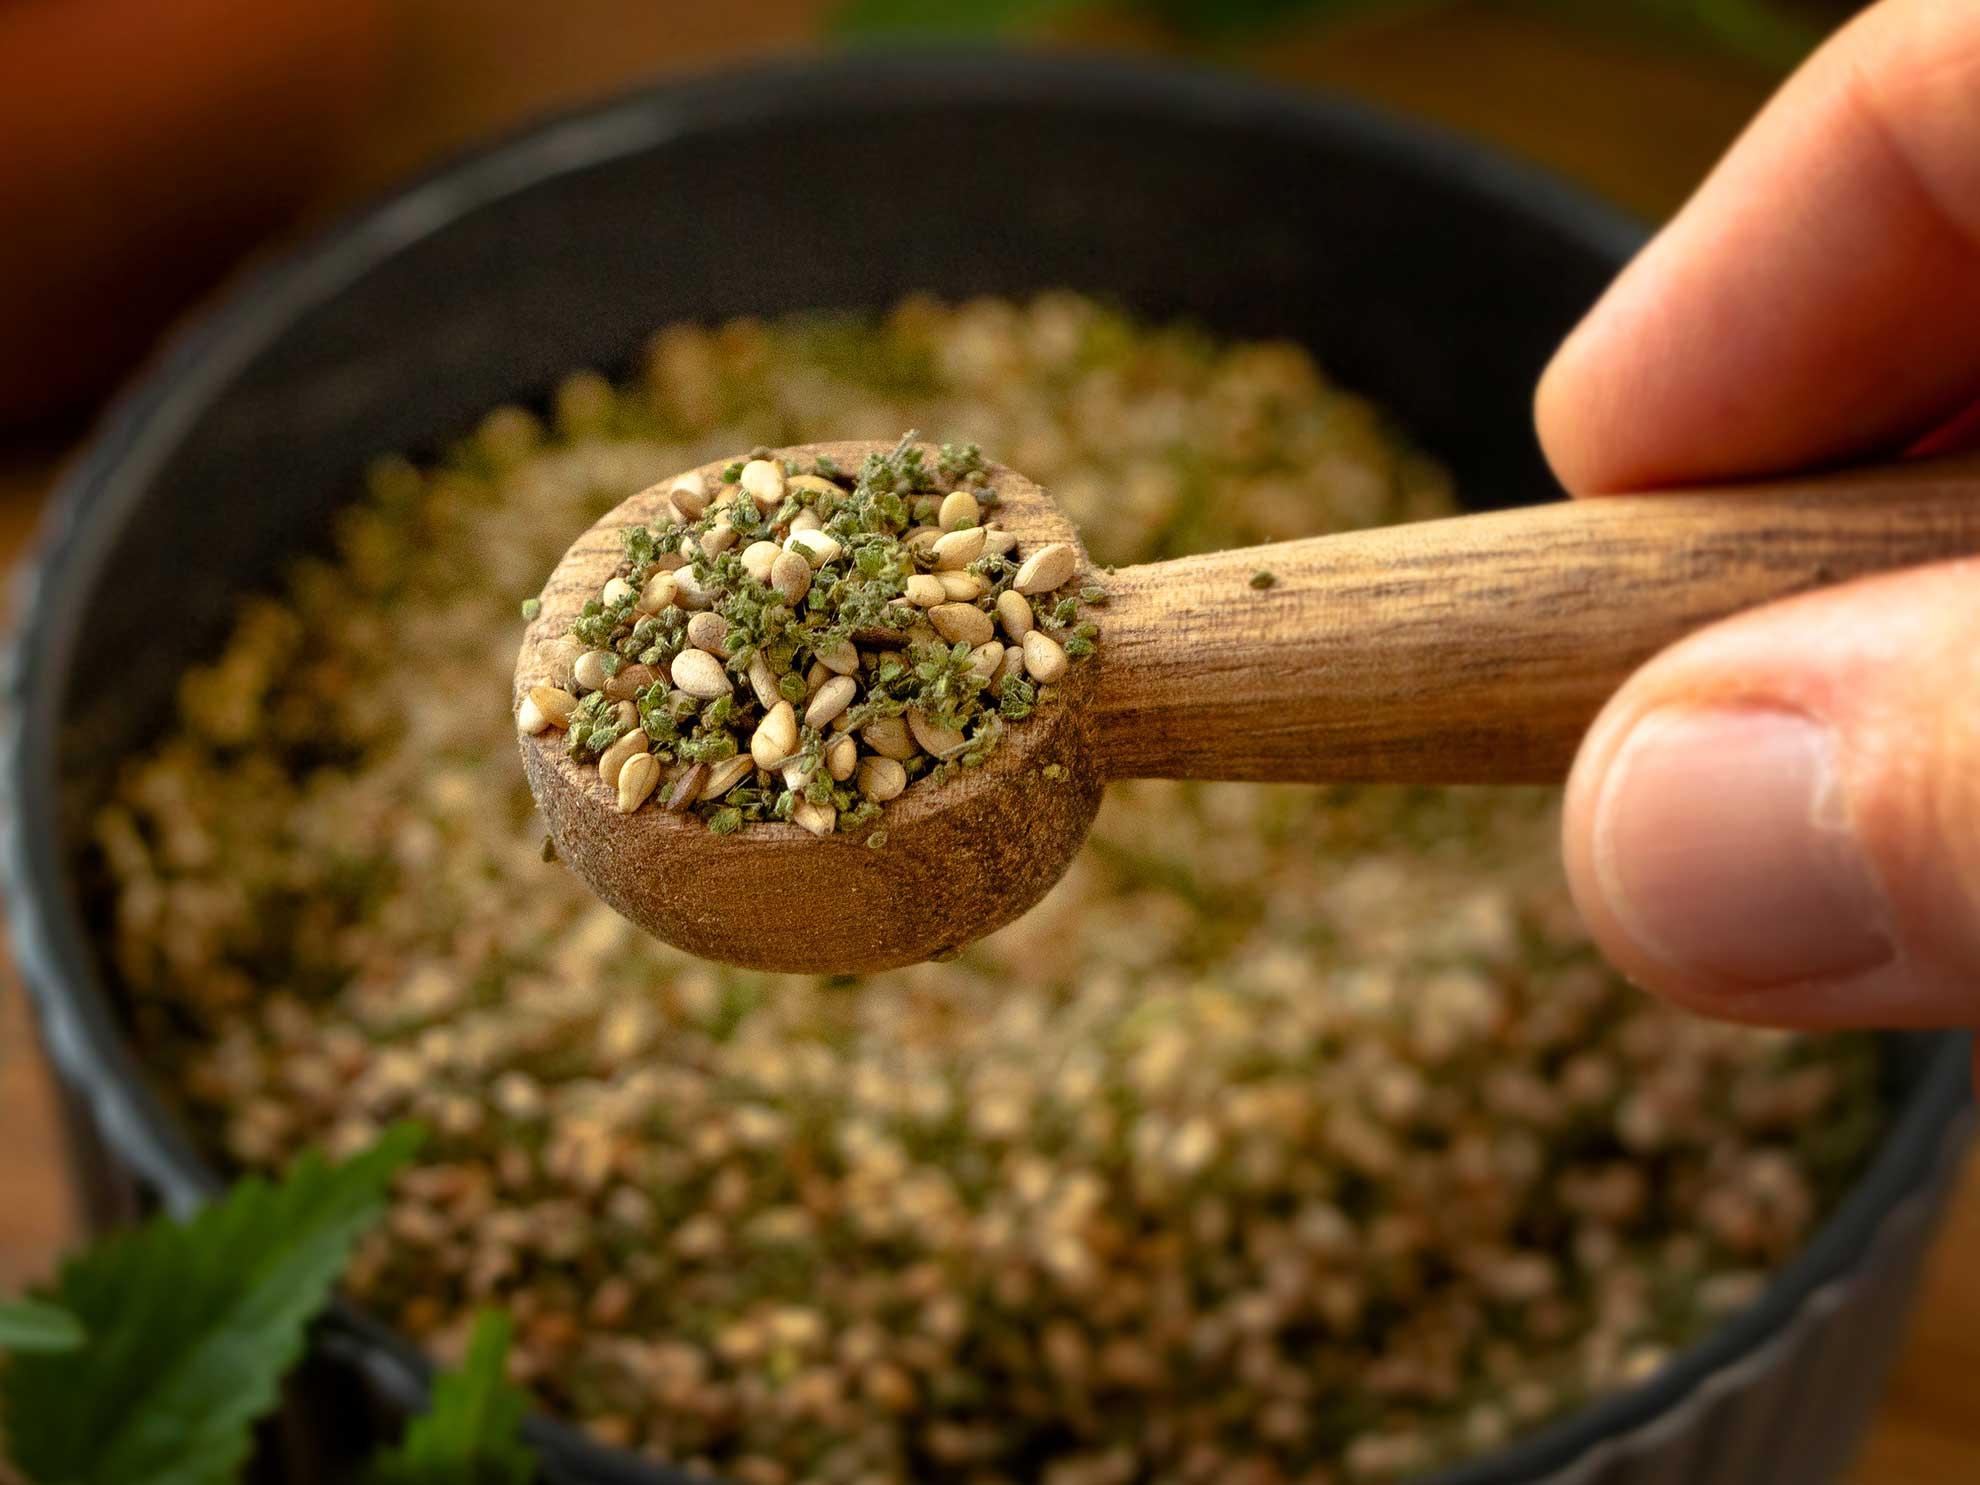 Brennnesselsamen-Gomasio Rezept – Herbal Hunter – saisonale Kräuterküche. Willkommen in der Herbal Hunter Wildkräuterküche! Eine Auswahl an saisonalen und gesunden Kräuterrezepten mit frischen wildem Grün.